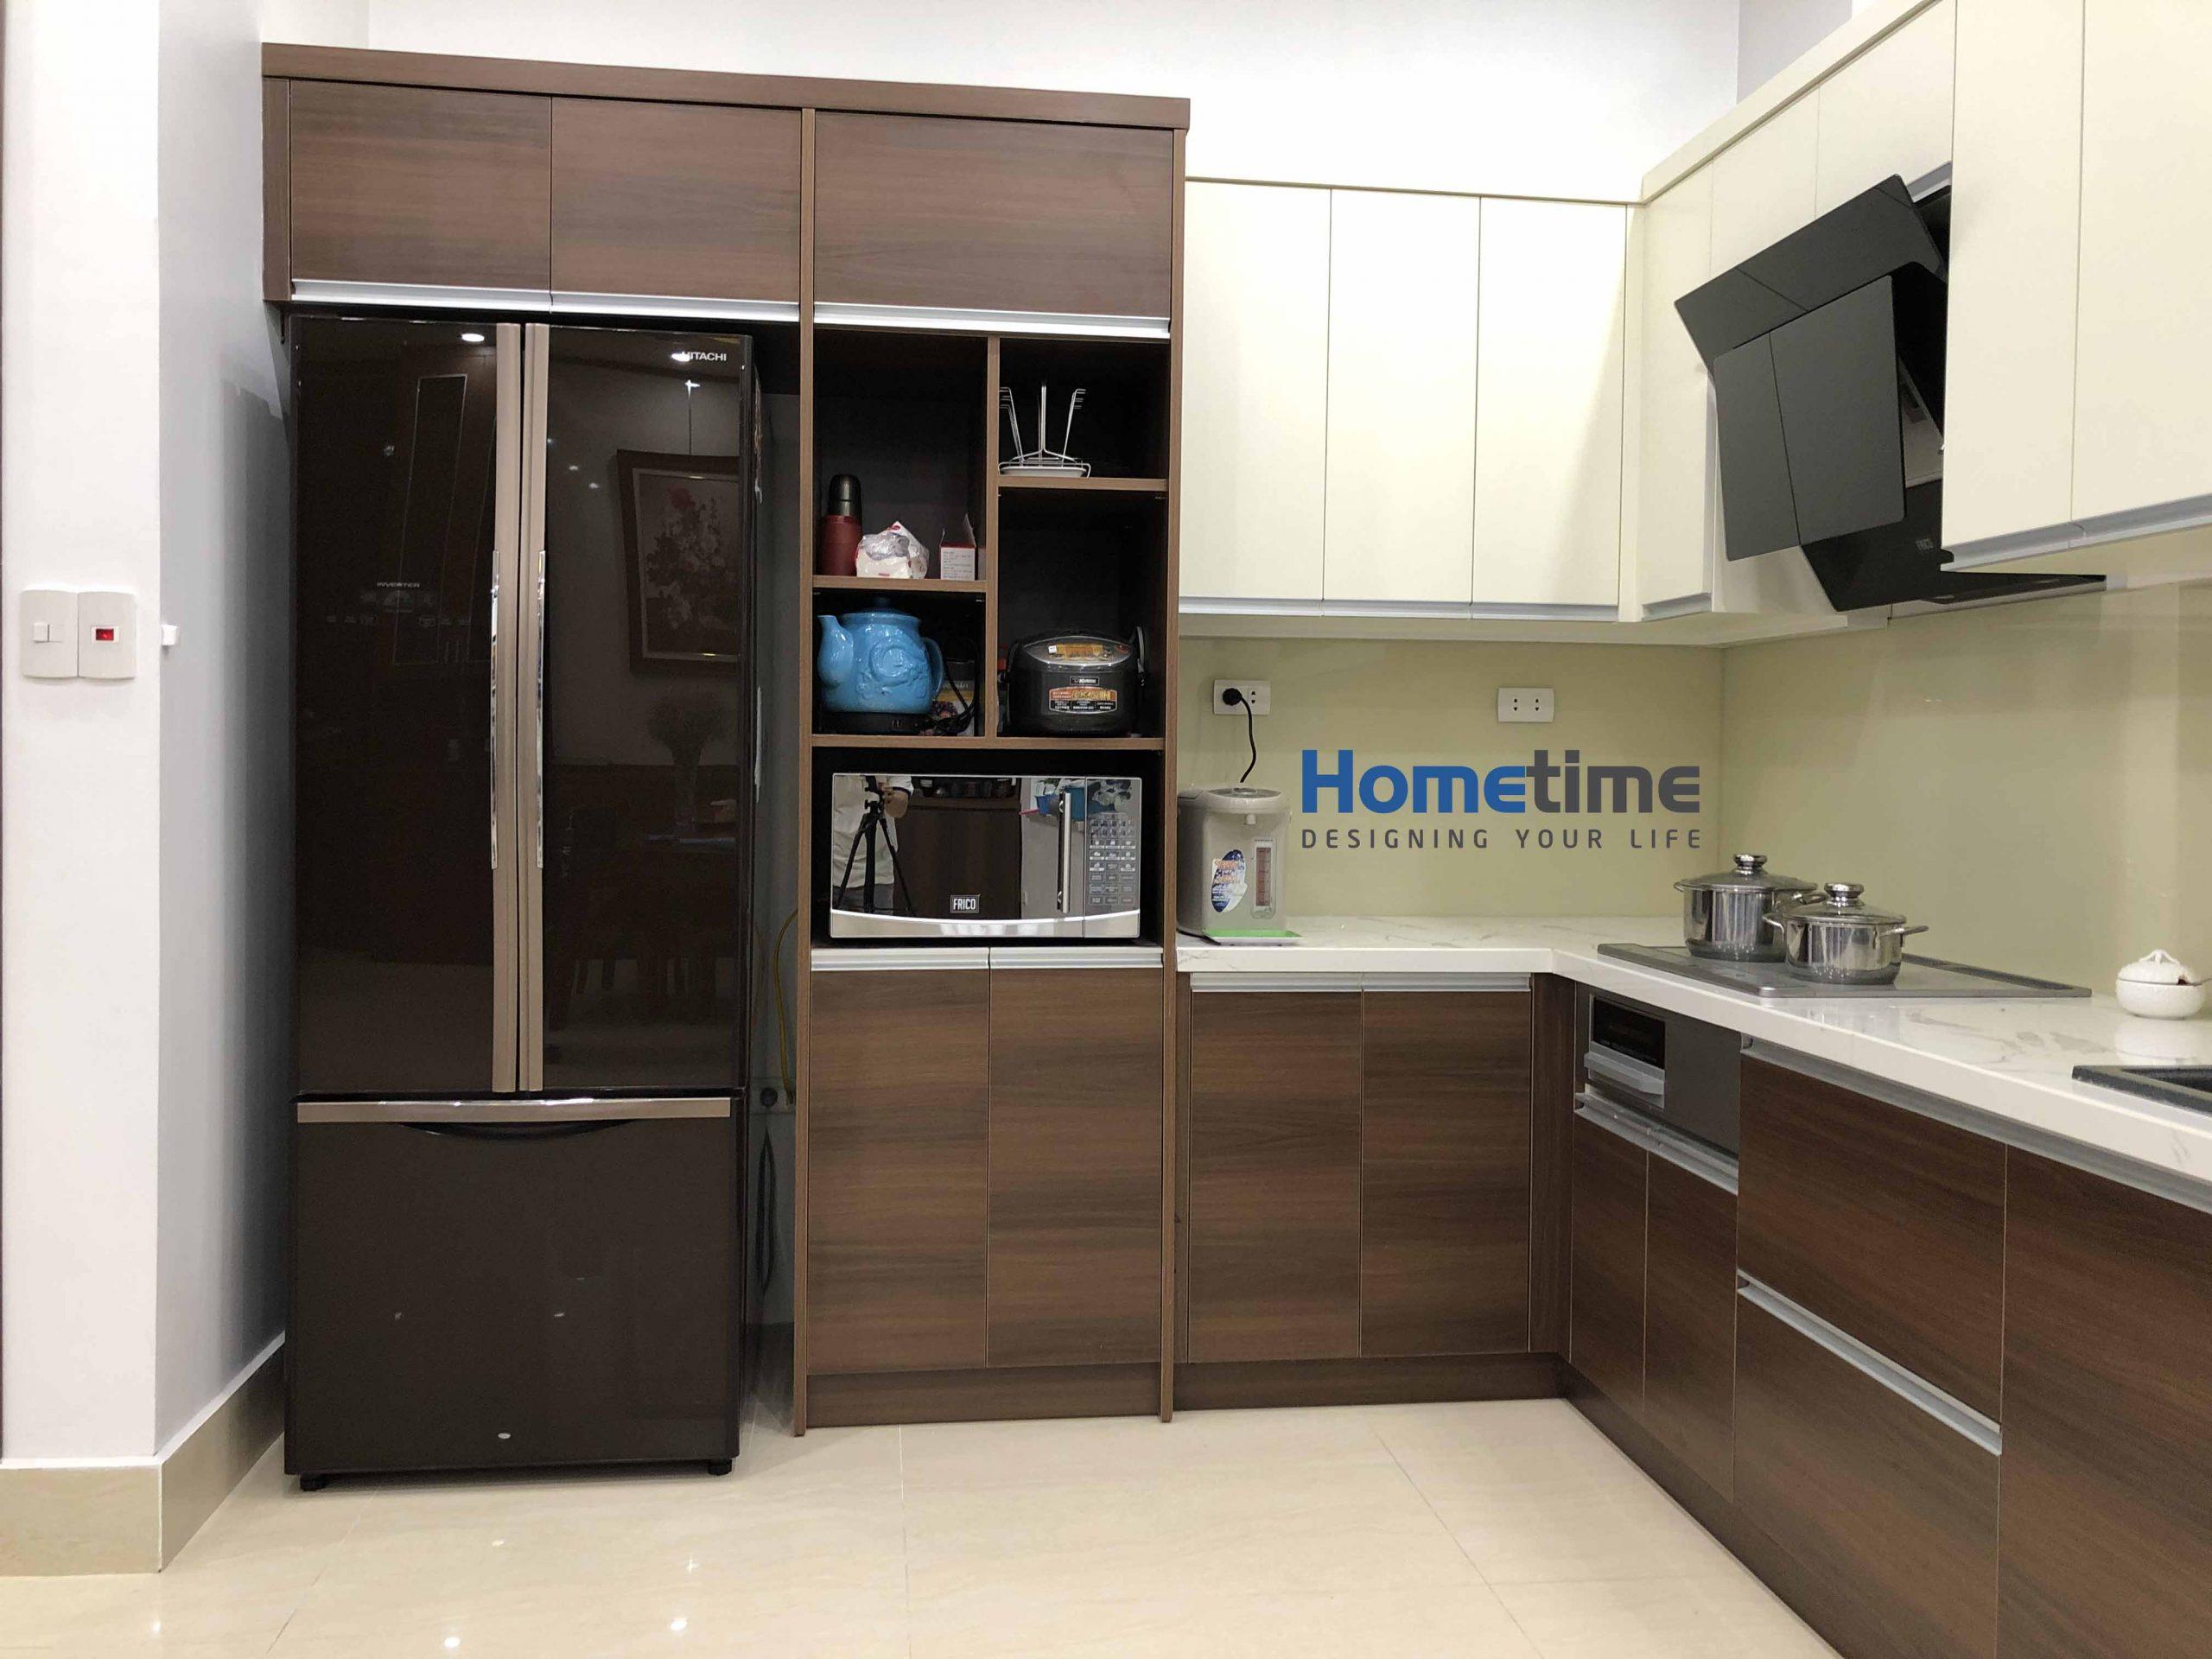 Phần vách tủ lạnh và mặt cạnh tủ bếp